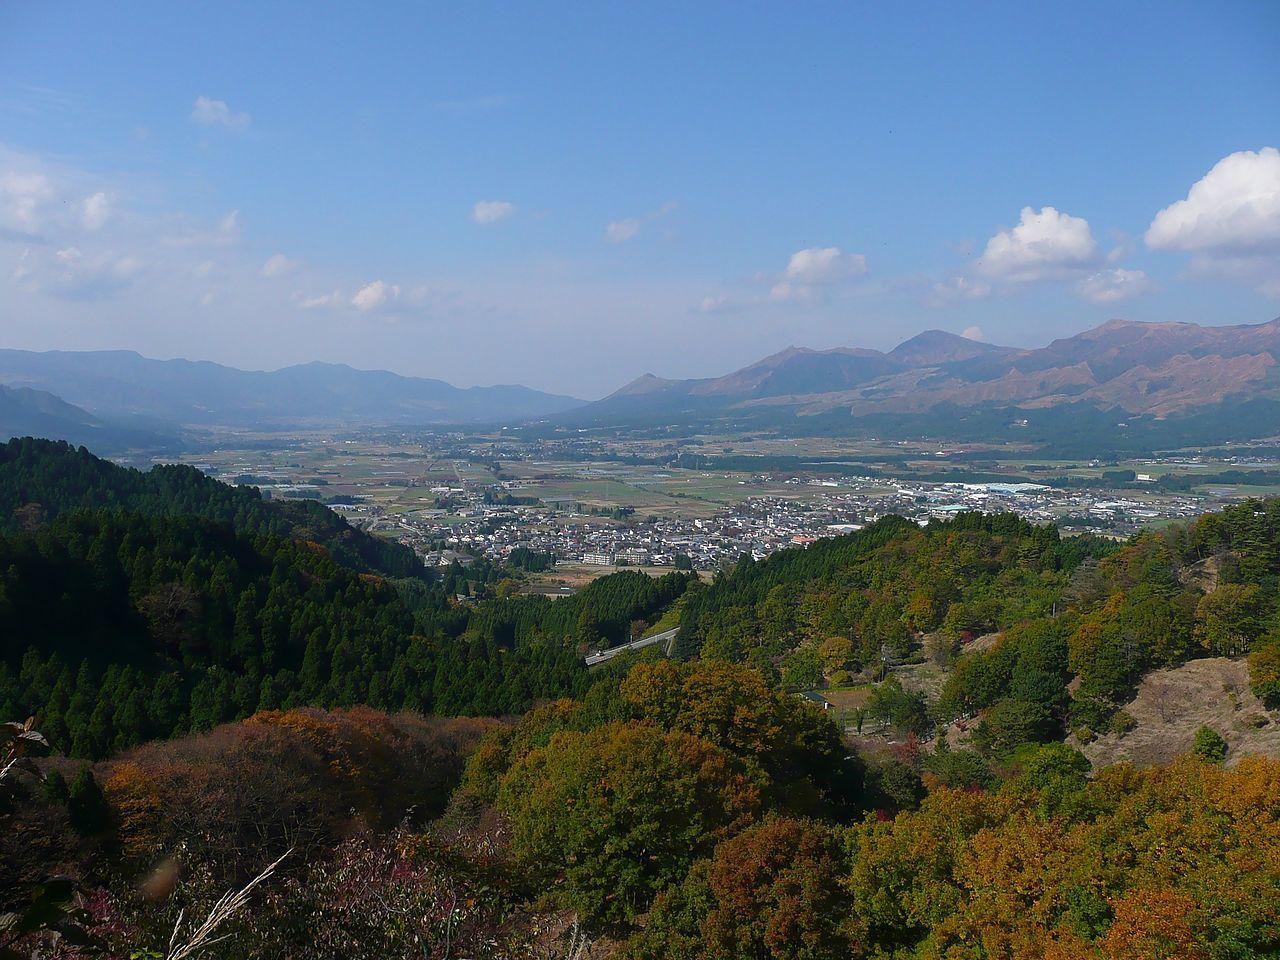 1280px-Nango_Valley_from_Takamori_Pass_2009.jpg